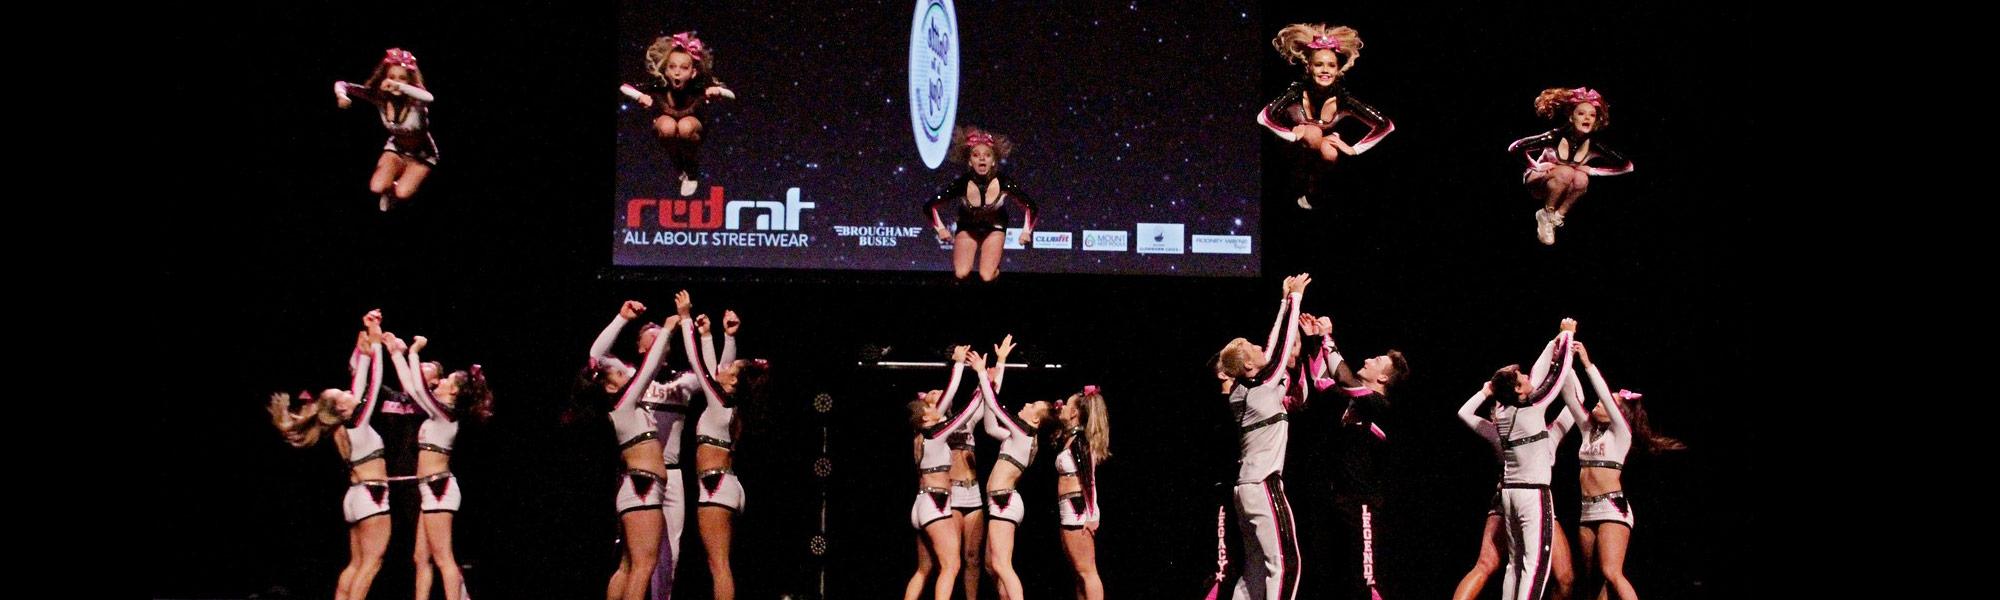 Cheerleaders in air